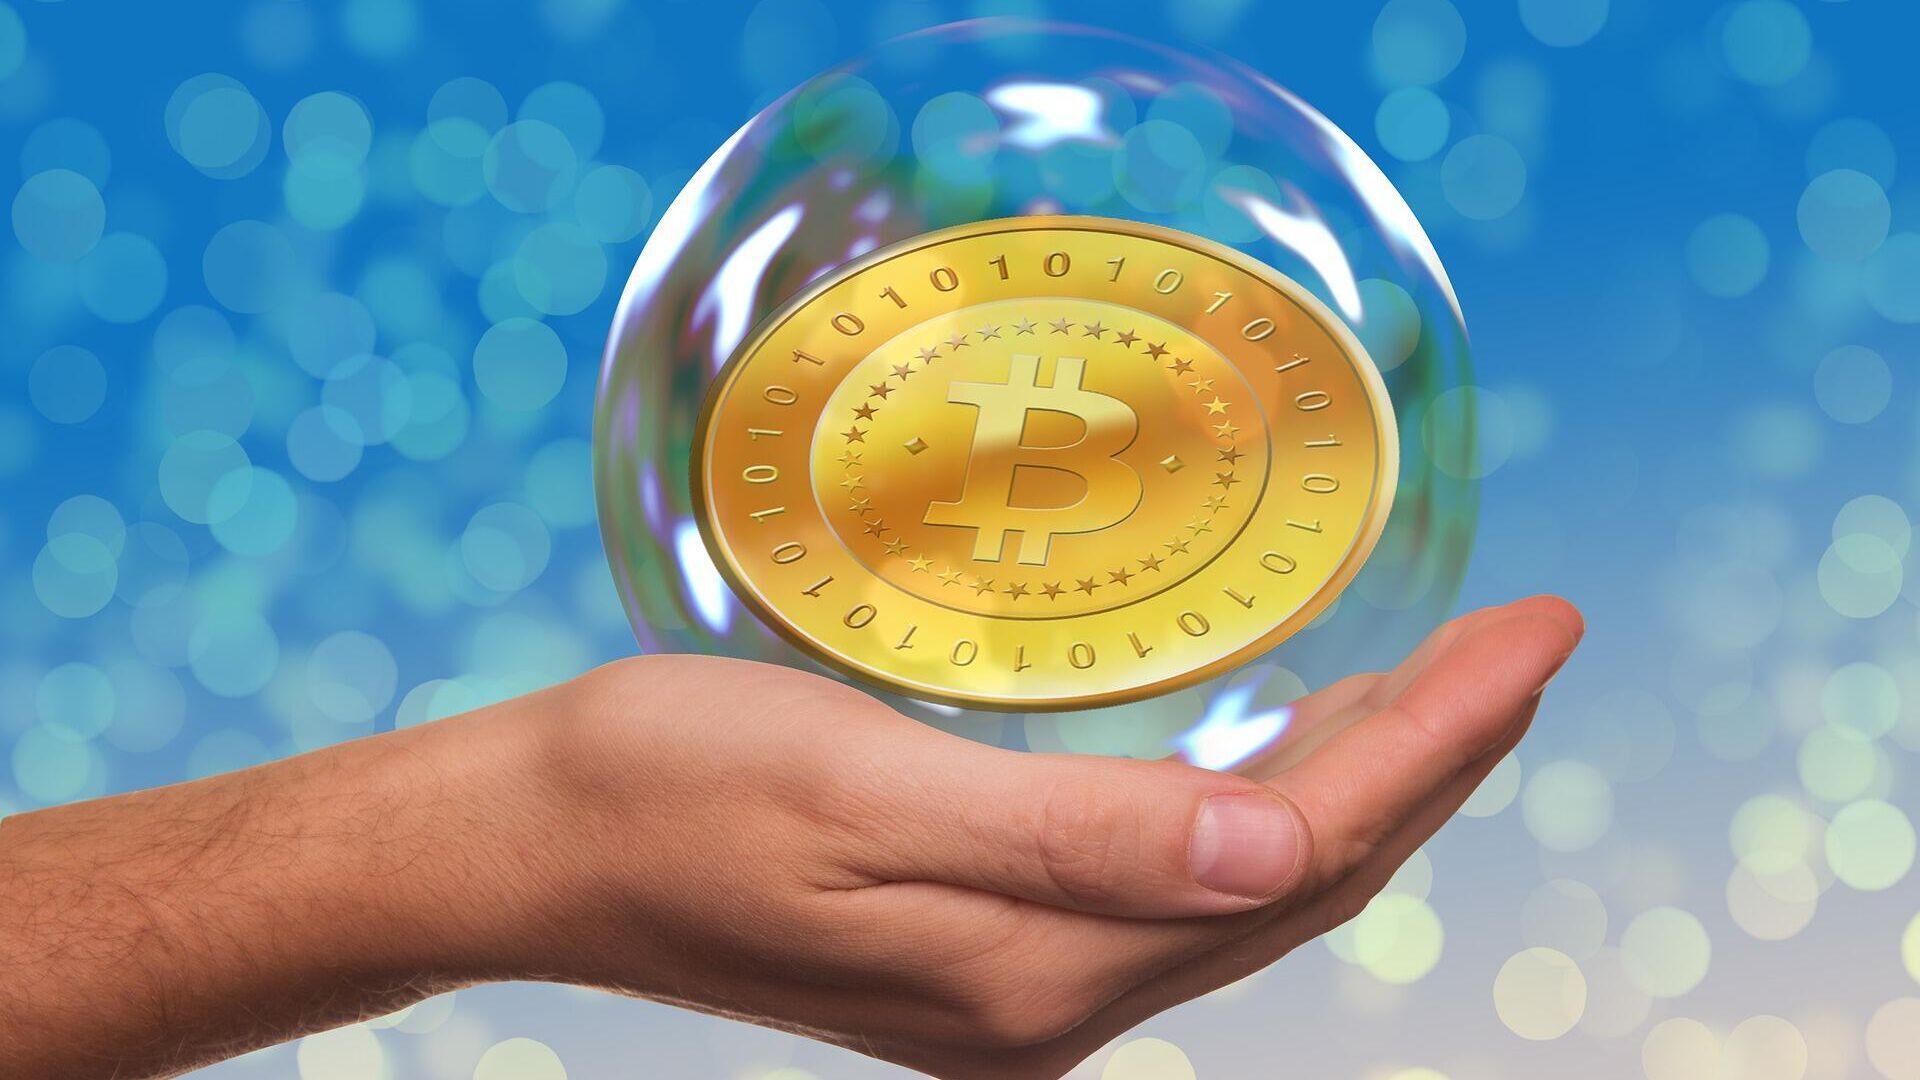 El bitcóin en una burbuta - Sputnik Mundo, 1920, 18.02.2021